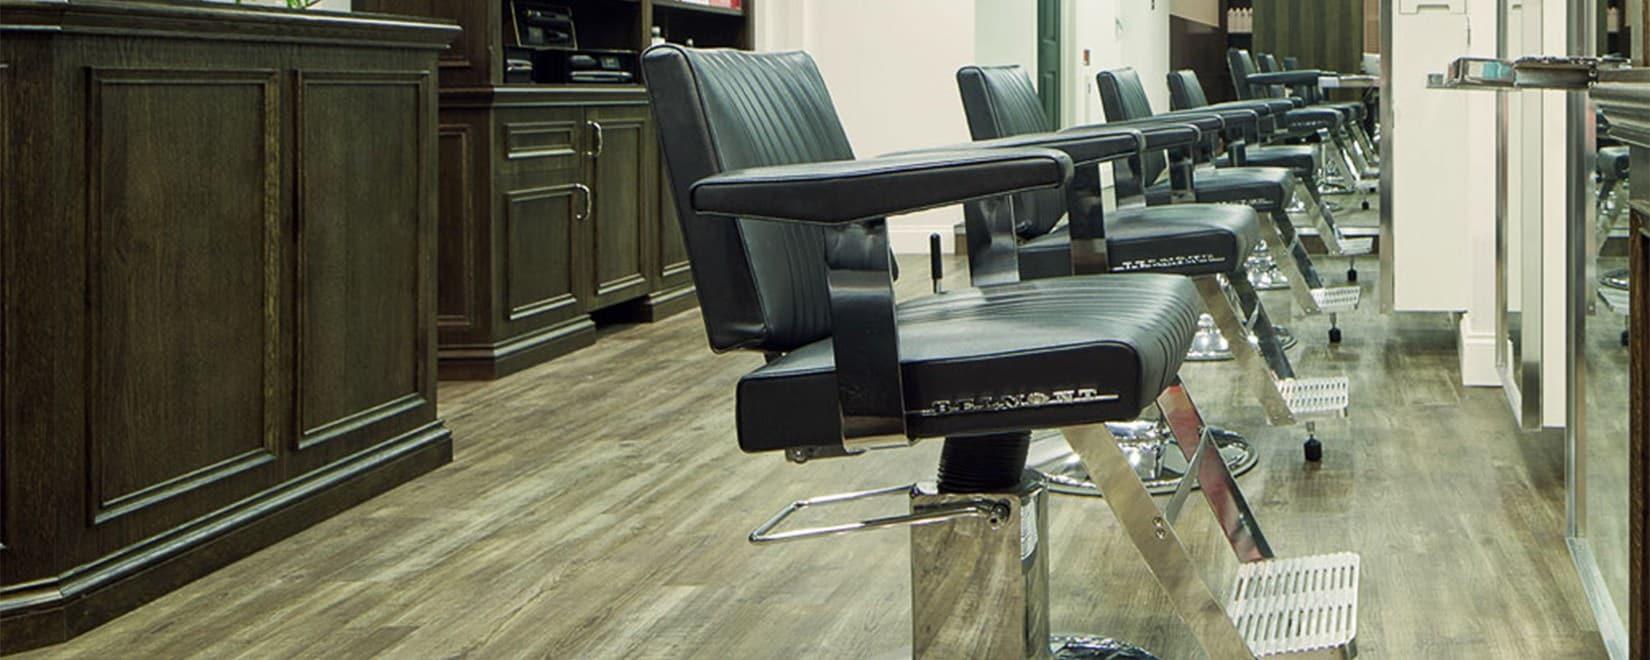 M Salons - Hairdressers Bishops Stortford - Interior Chair